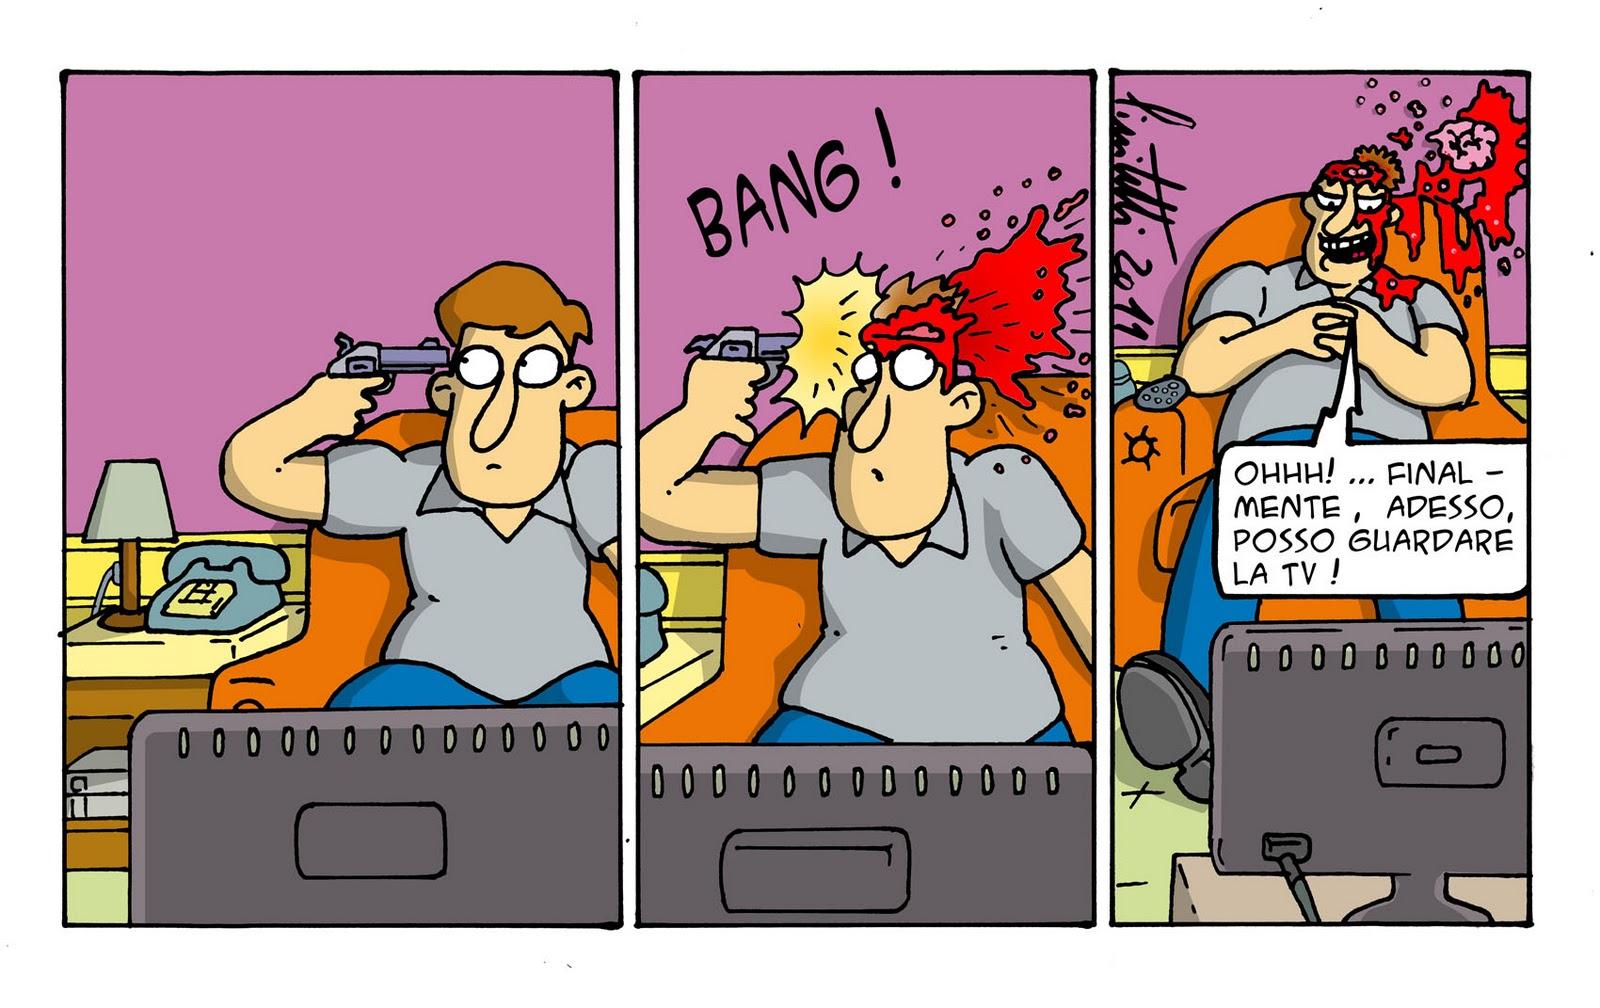 Millevignette di ignazio piscitelli guardare la tv for Guardare la tv